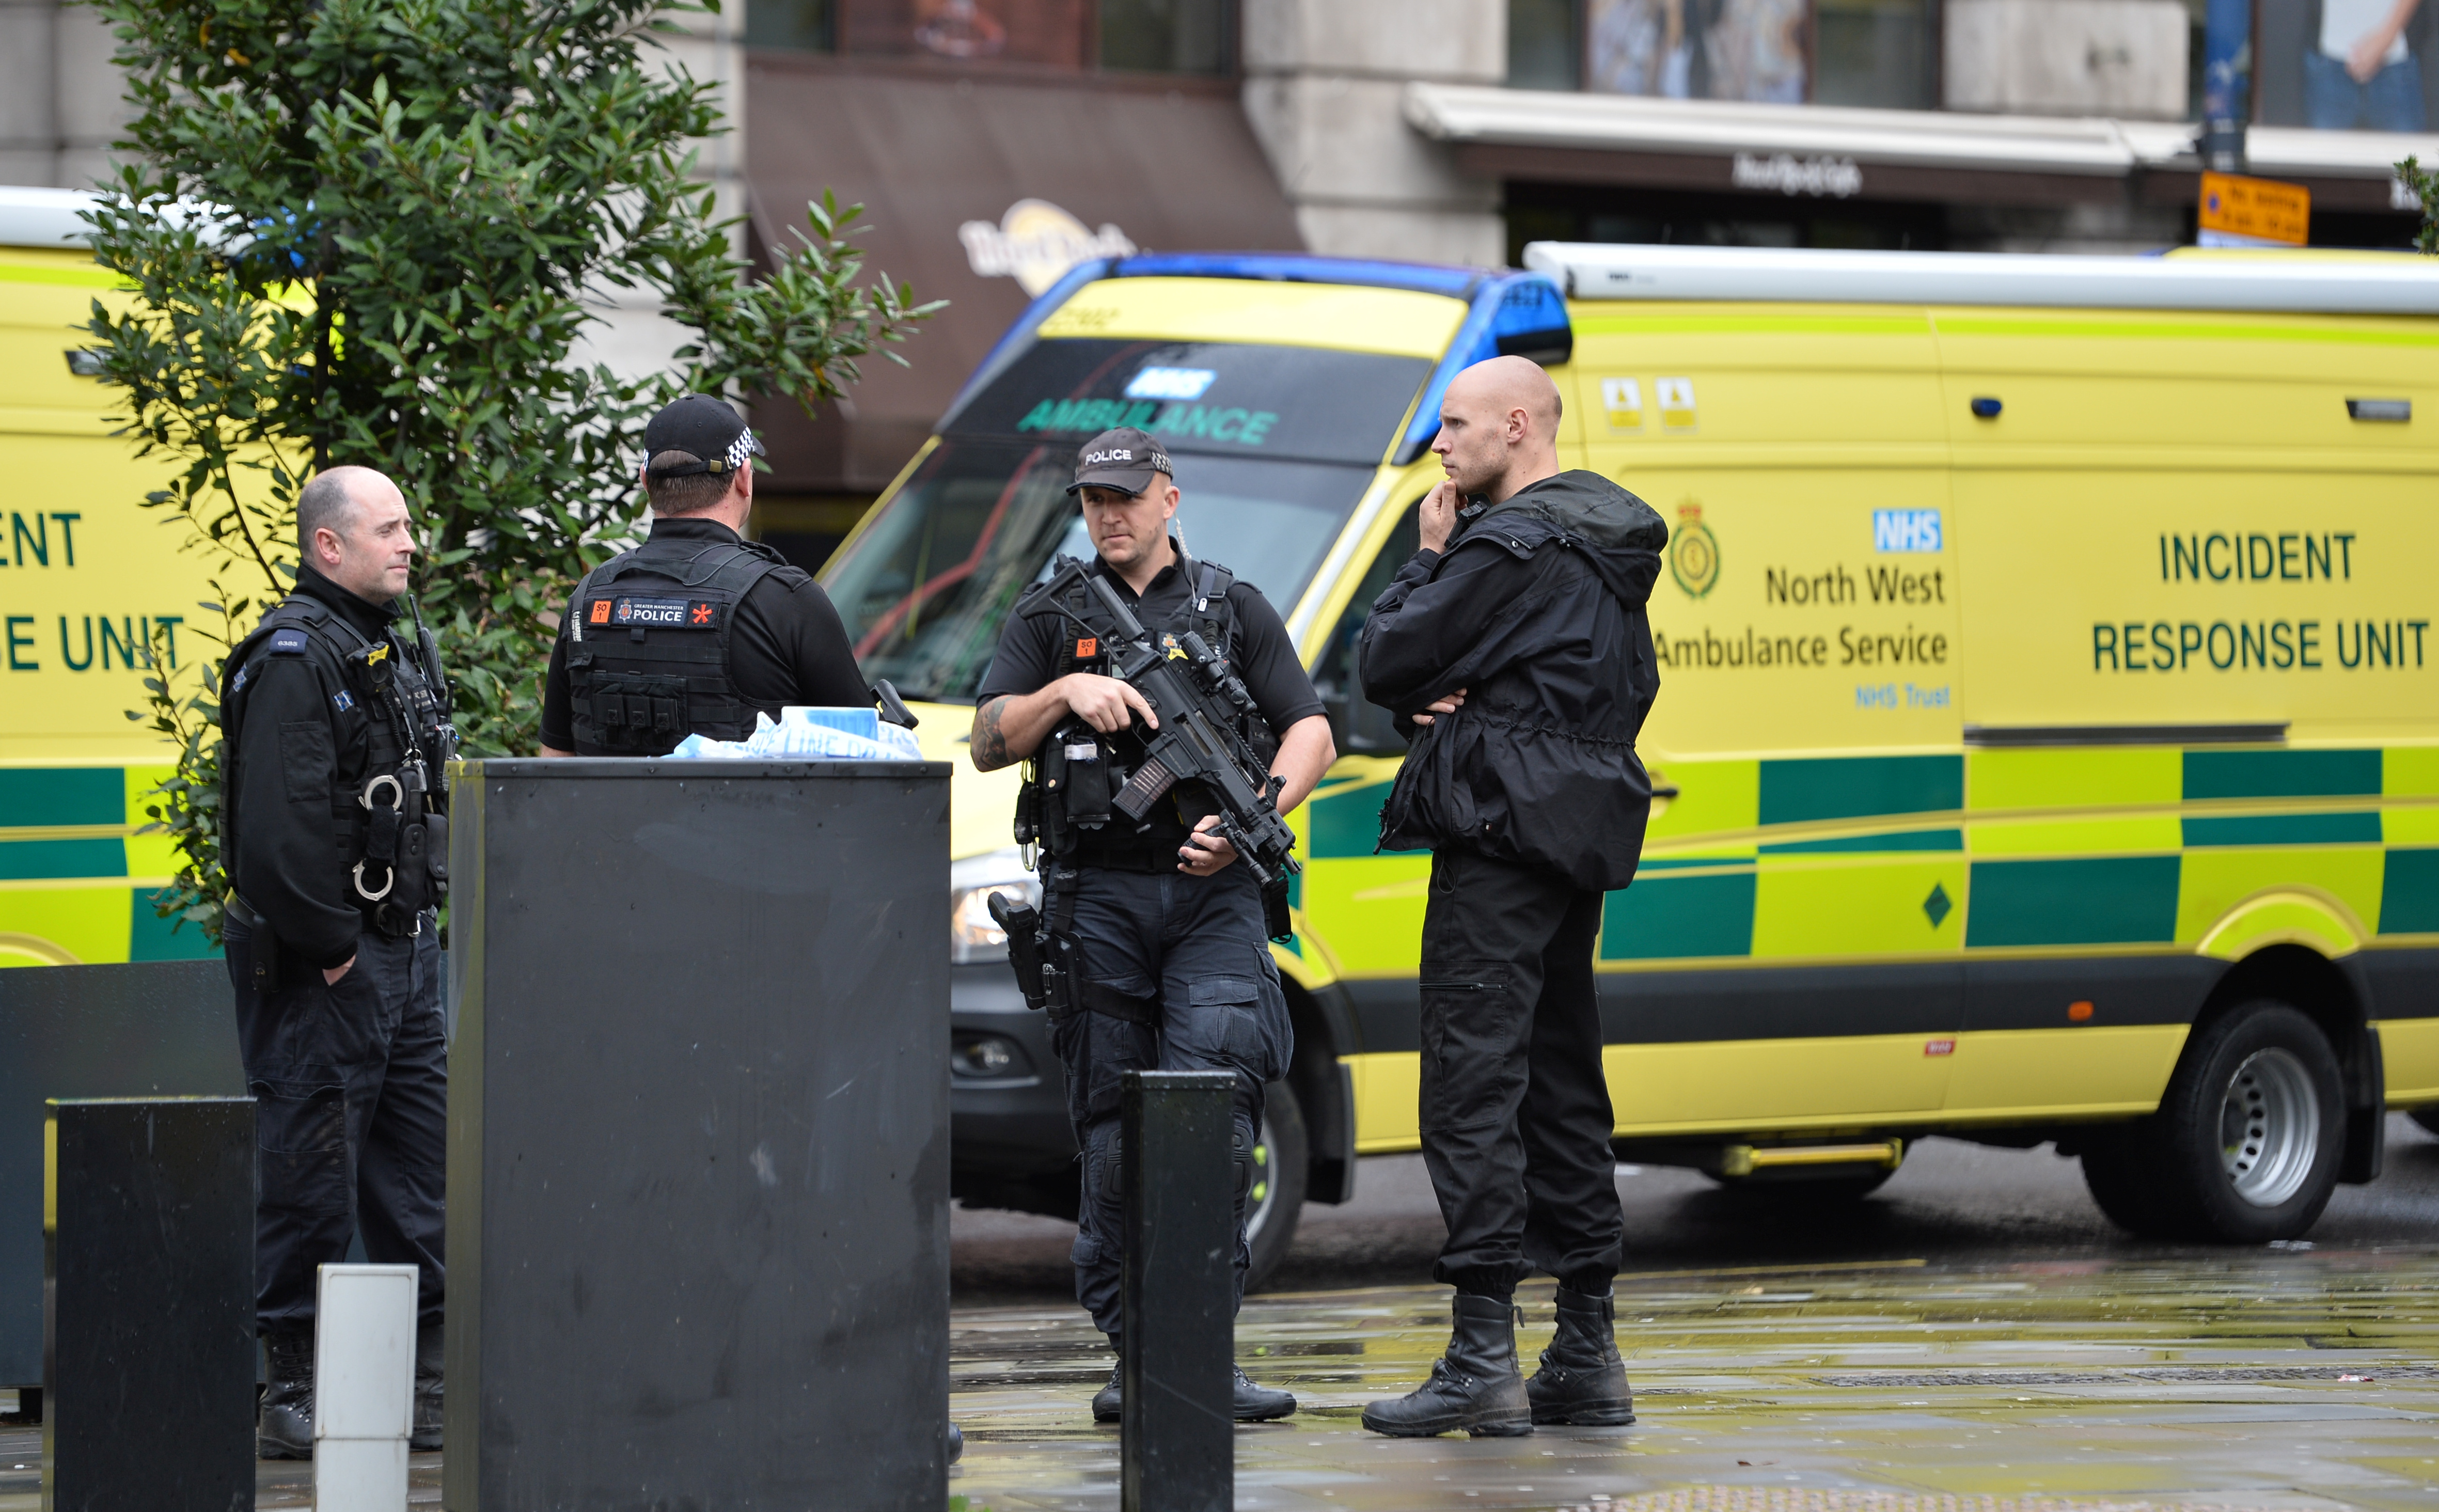 Μάντσεστερ: Ο άνδρας που συνελήφθη για επιθέσεις με μαχαίρι θεωρείται ύποπτος για τρομοκρατία